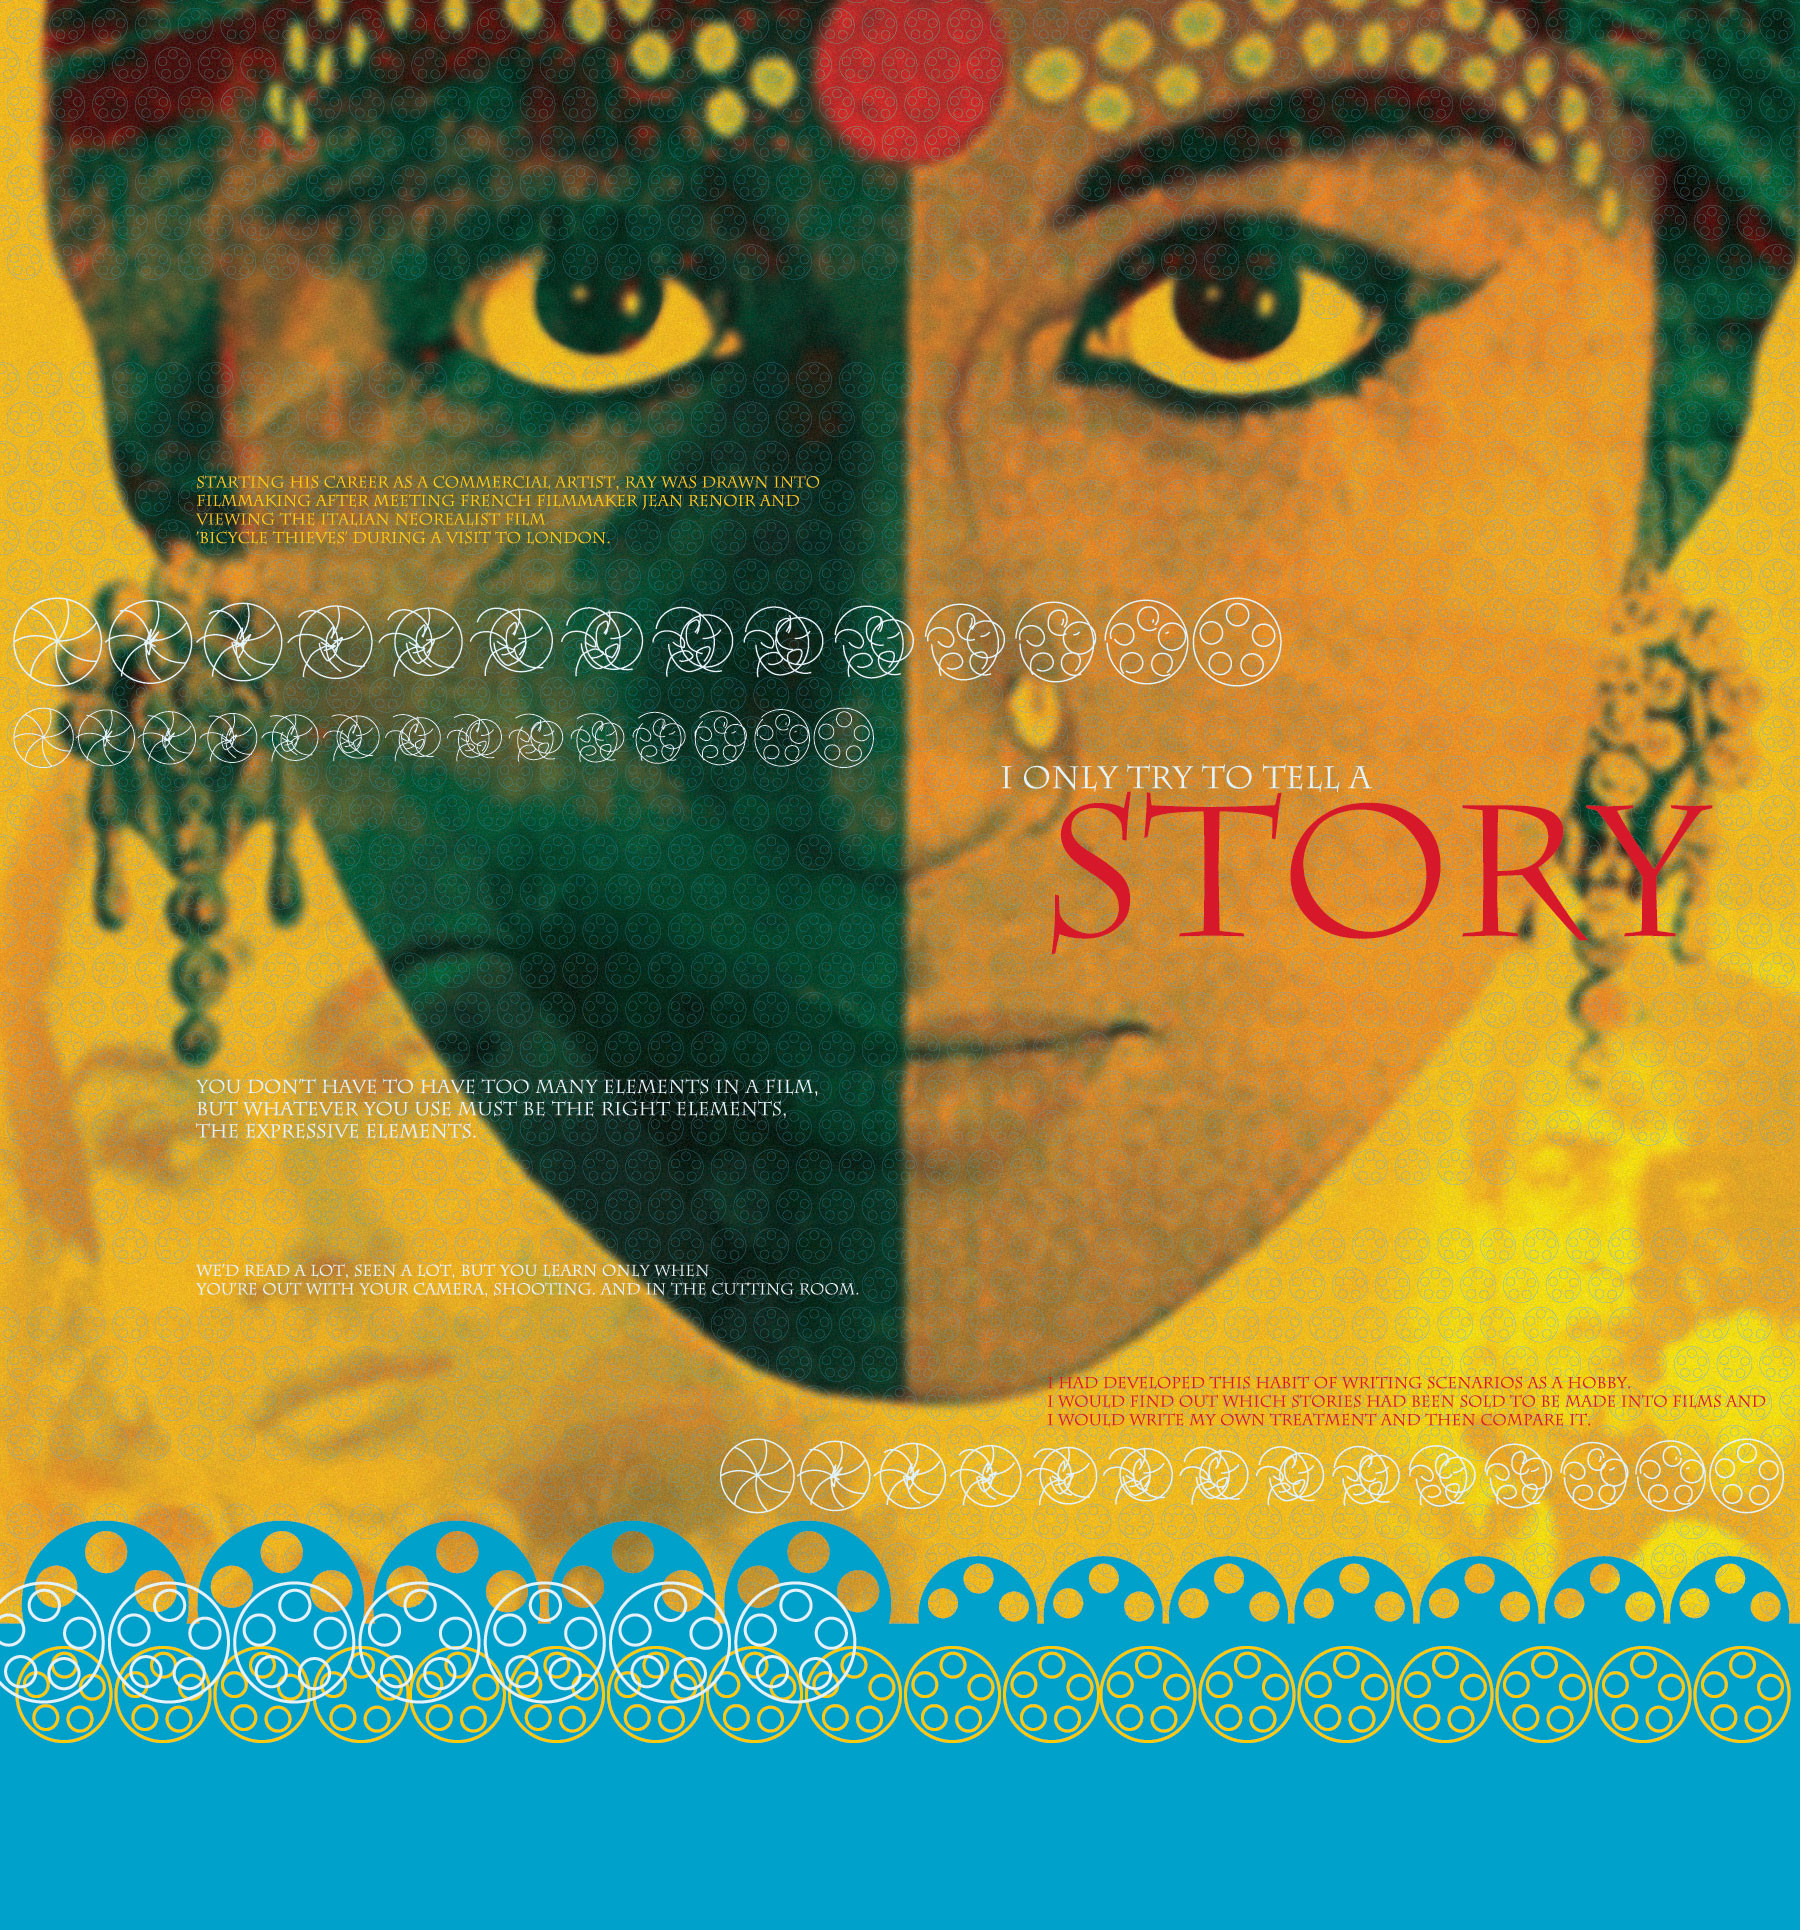 Satyajit Ray (left panel)